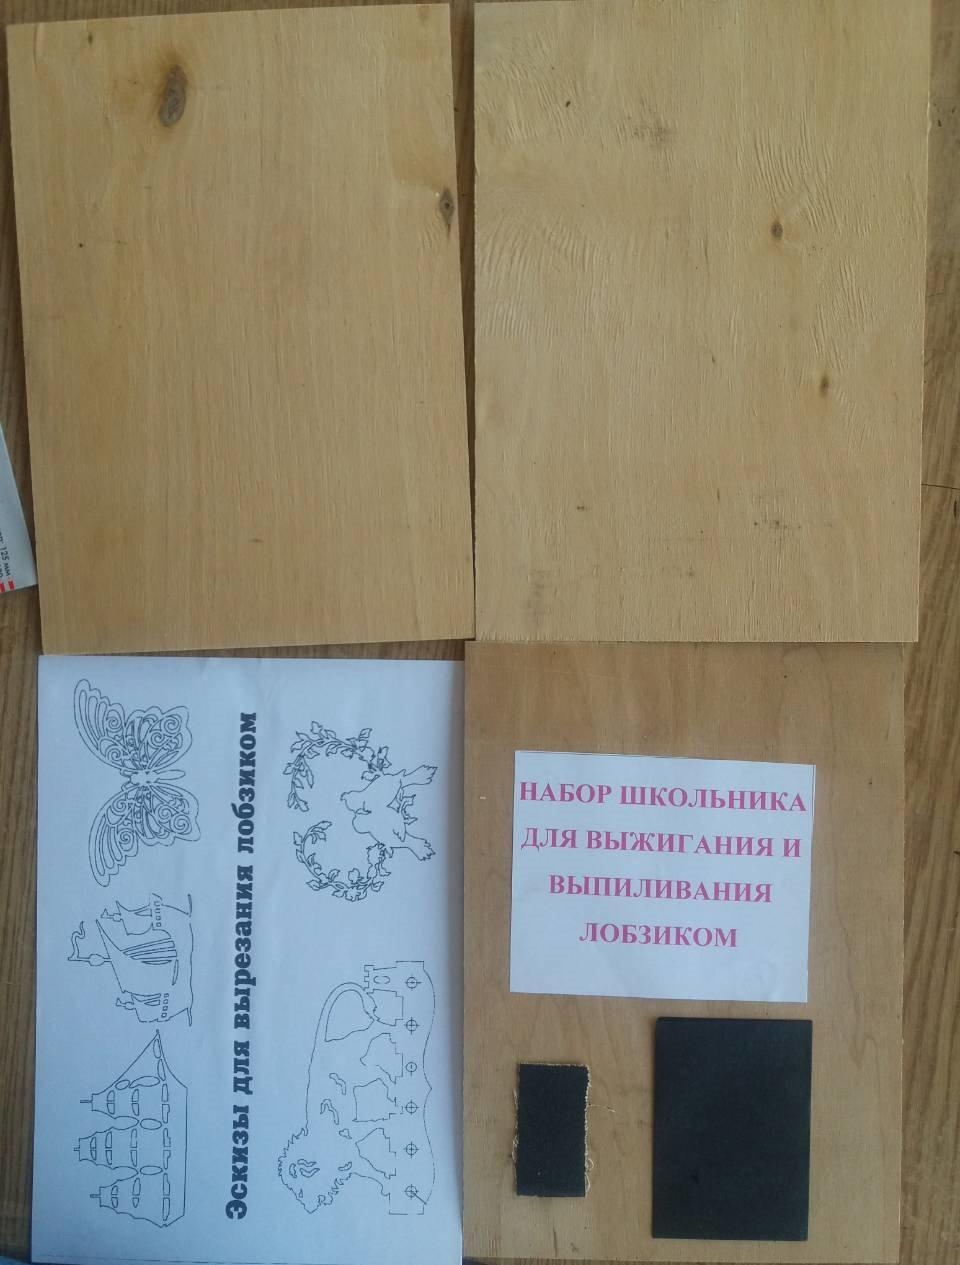 Набор школьника для выжигания и выпиливания лобзиком (Украина)